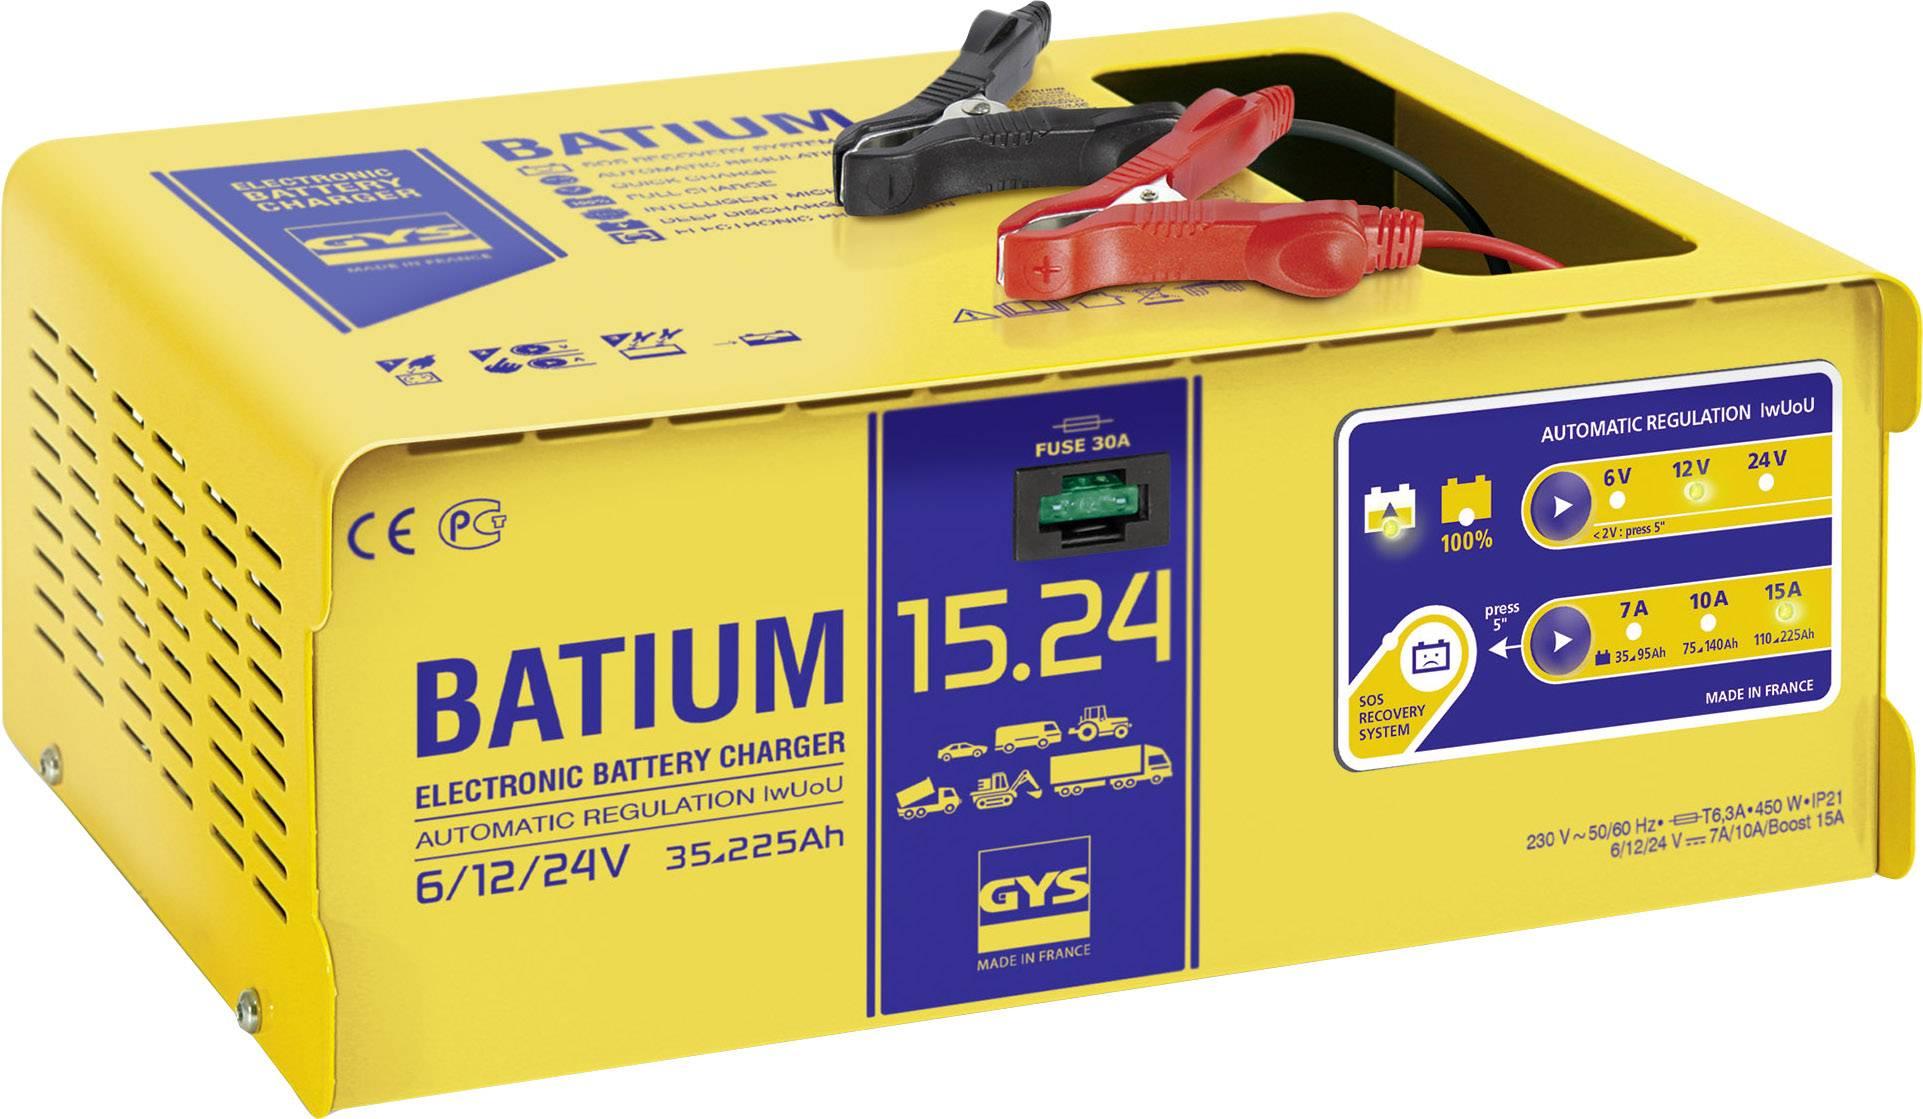 Automatická nabíjačka GYS Batium 15.24 6, 12 V, 24 V